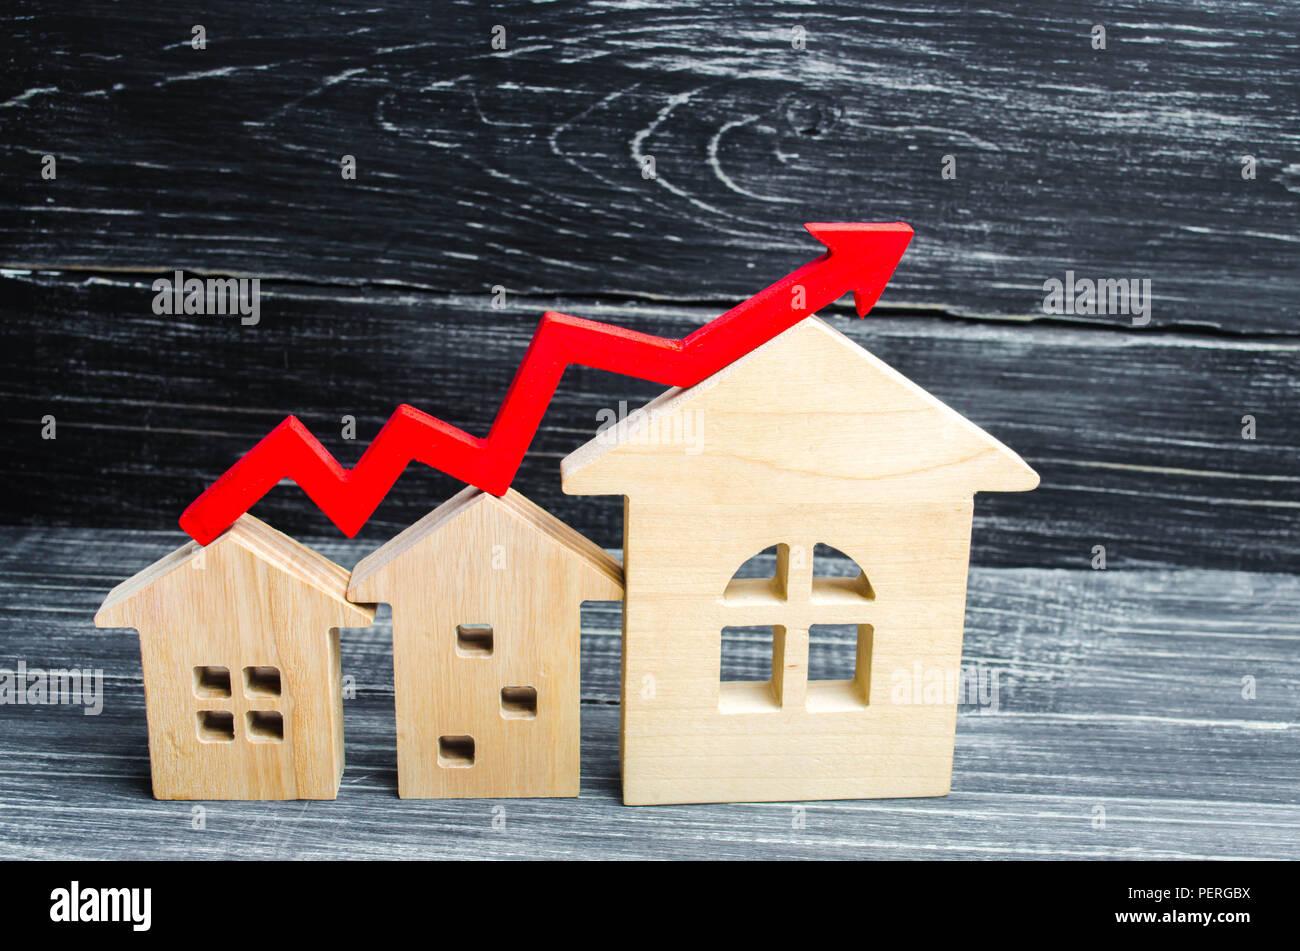 Holzhäuser in einer Reihe von klein bis groß mit einem roten Pfeil nach oben. Konzept der hohe Nachfrage nach Immobilien. zur Steigerung der Energieeffizienz der Wohnungen. r Stockbild